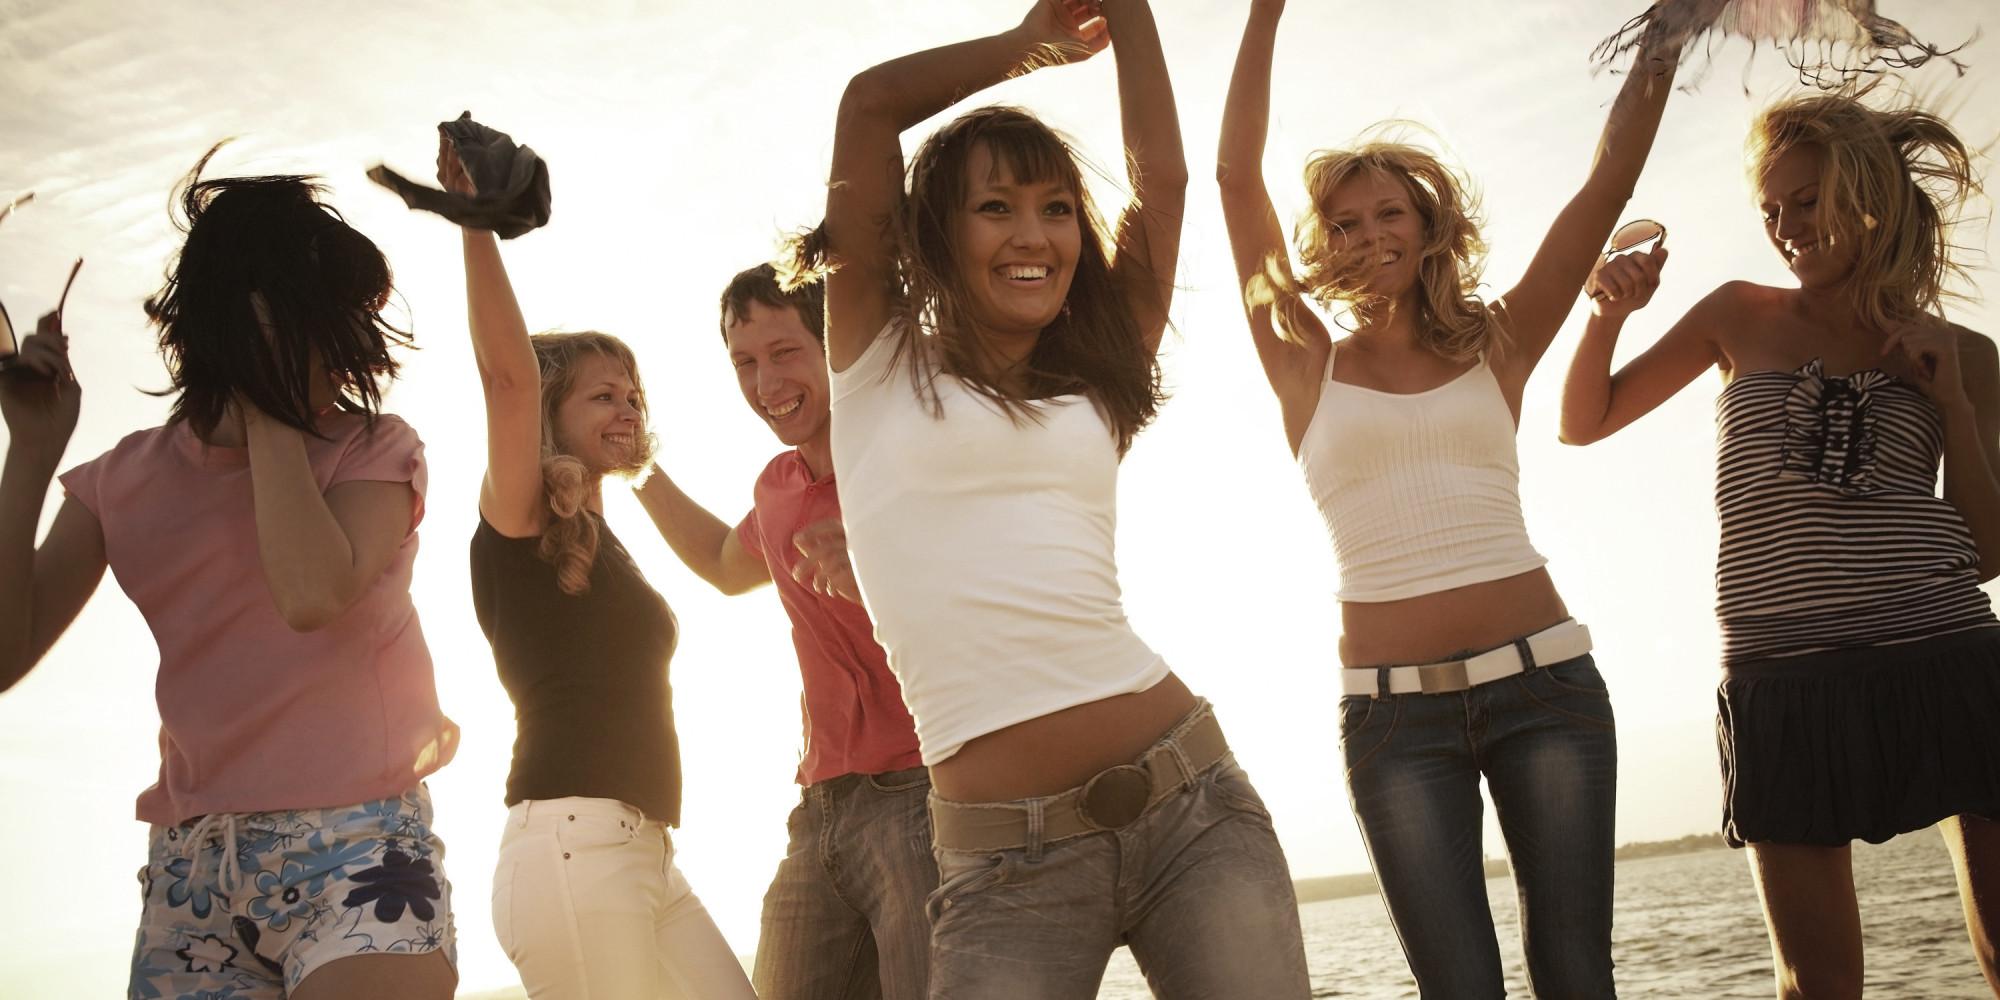 Люди танцуют на пляже фото